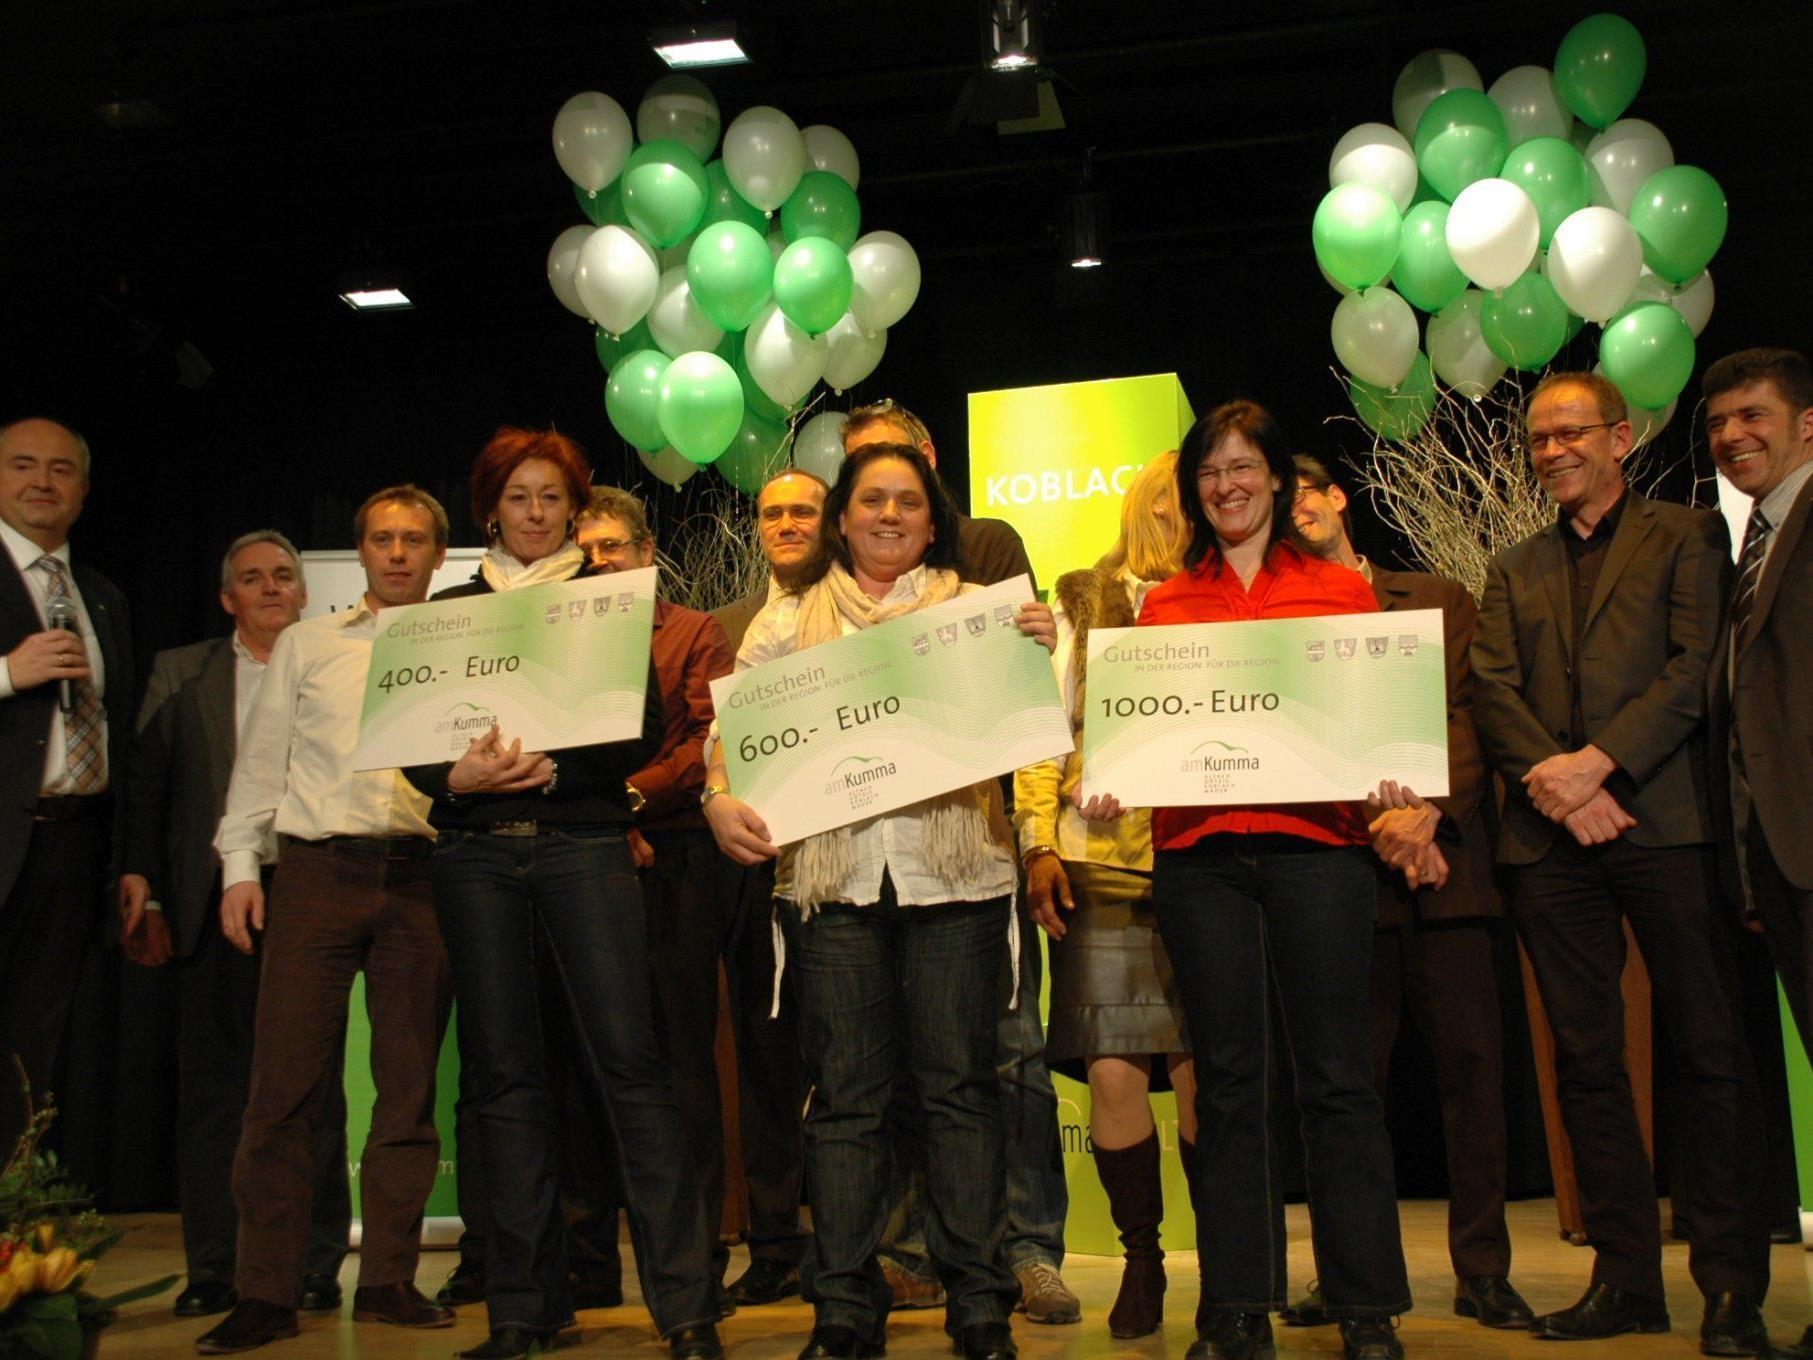 Die Freude war groß unter den Gewinnerinnen der drei Hauptpreise beim Gewinnabend in Koblach